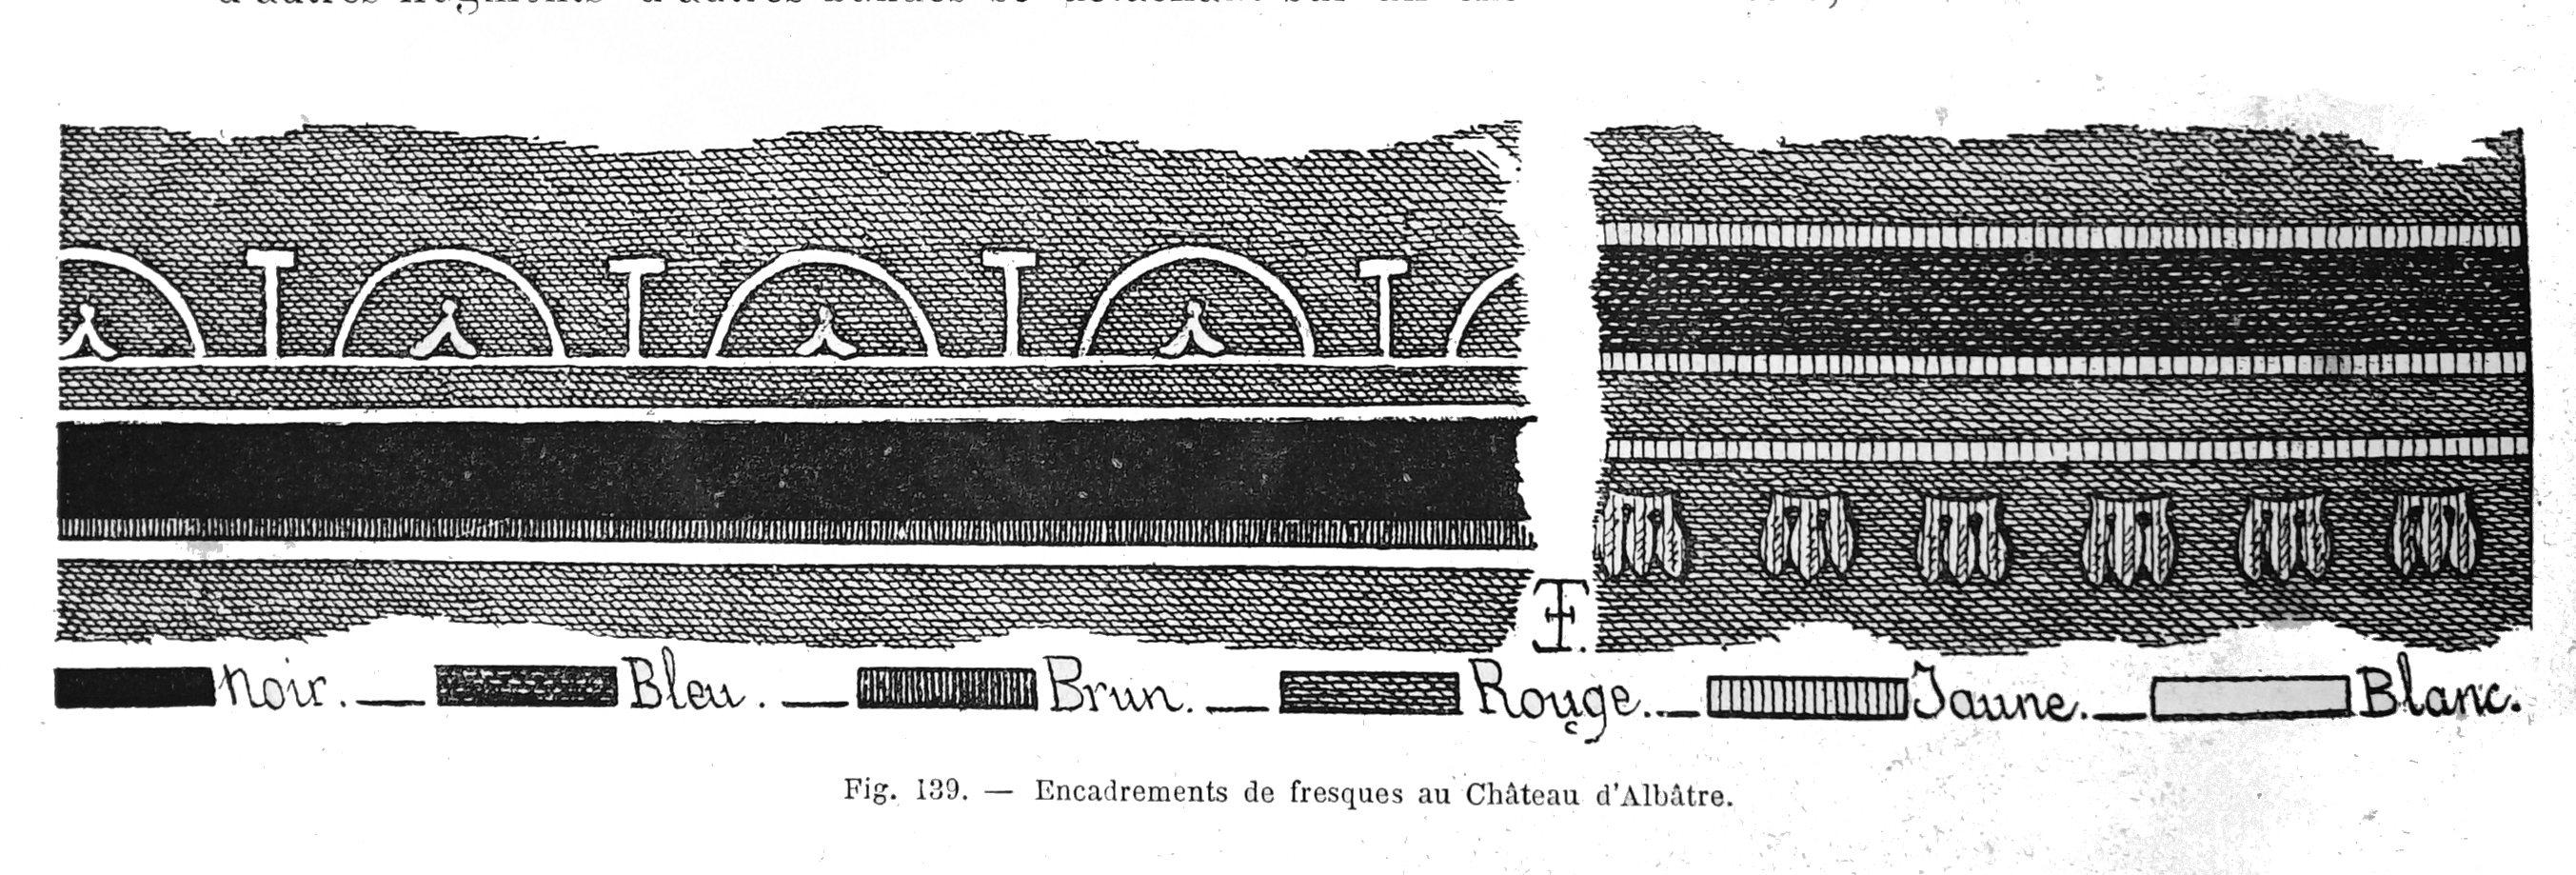 File:Soissons 36381.jpg